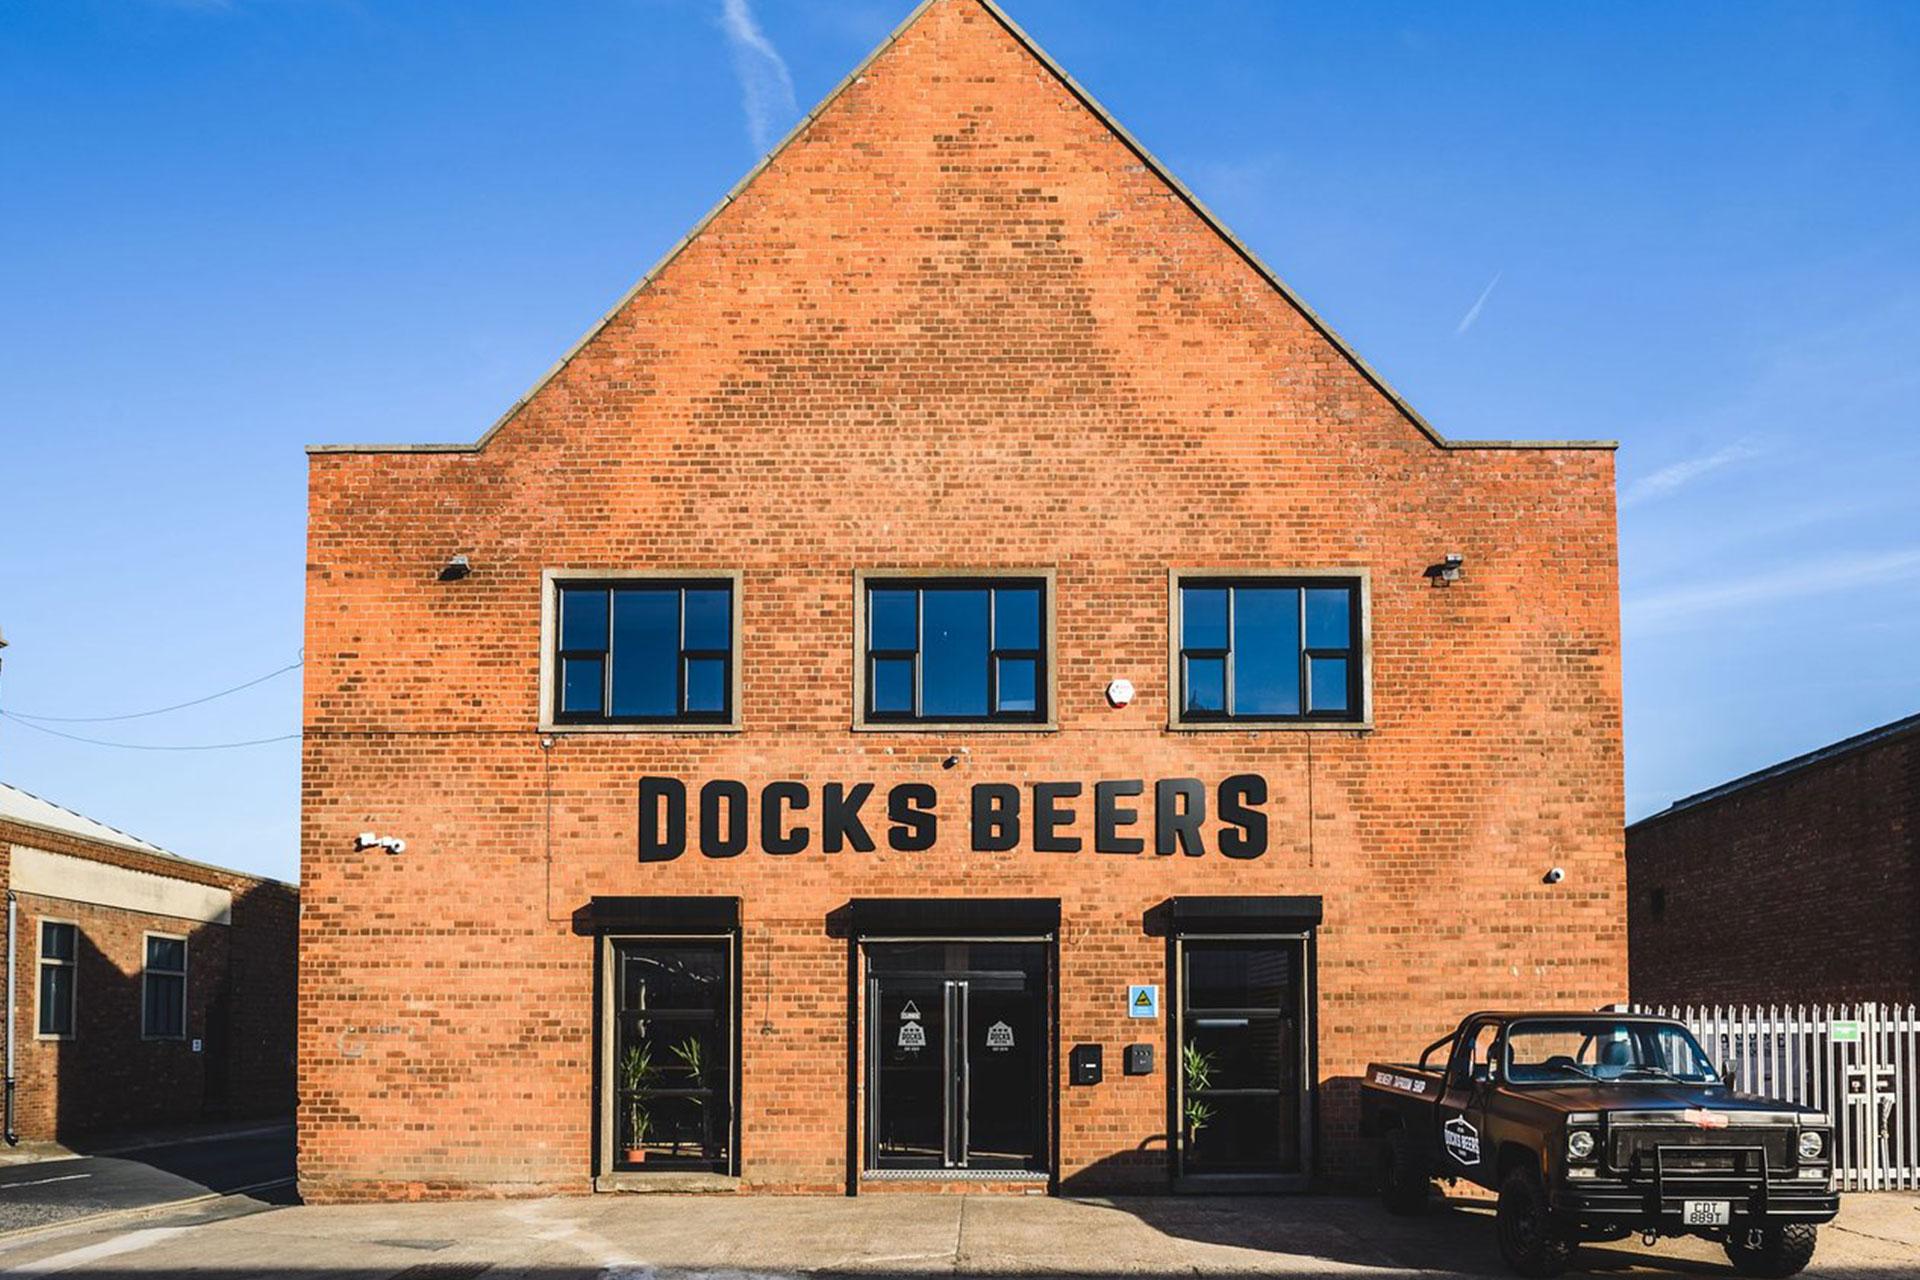 Docks Beers exterior